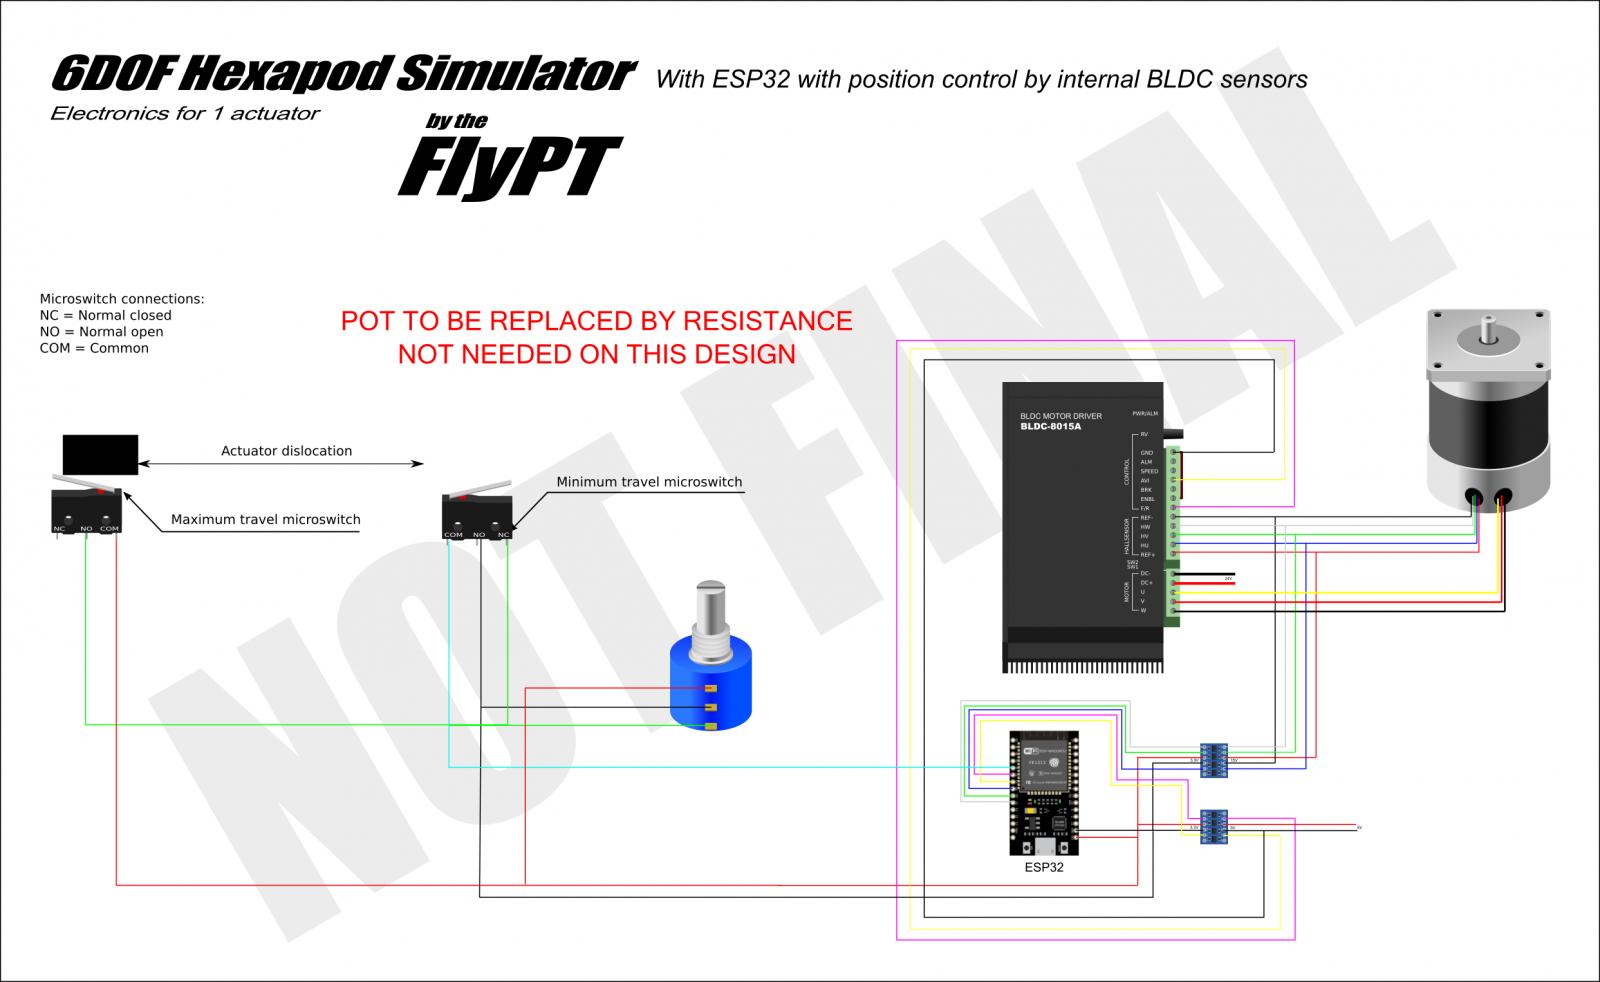 Electronics for 1 actuator no pot.png